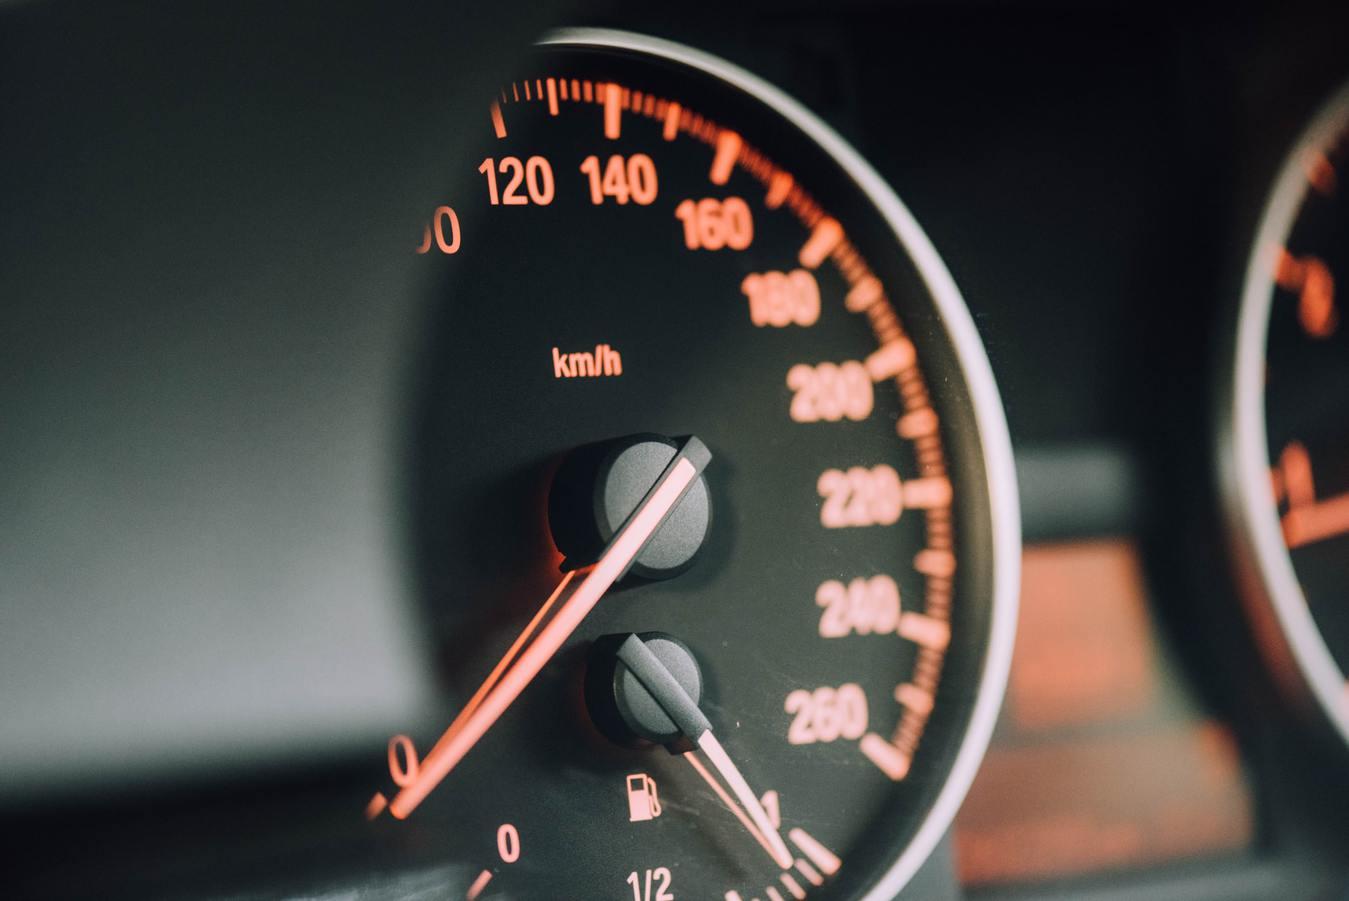 Painel mostrando a velocidade do carro